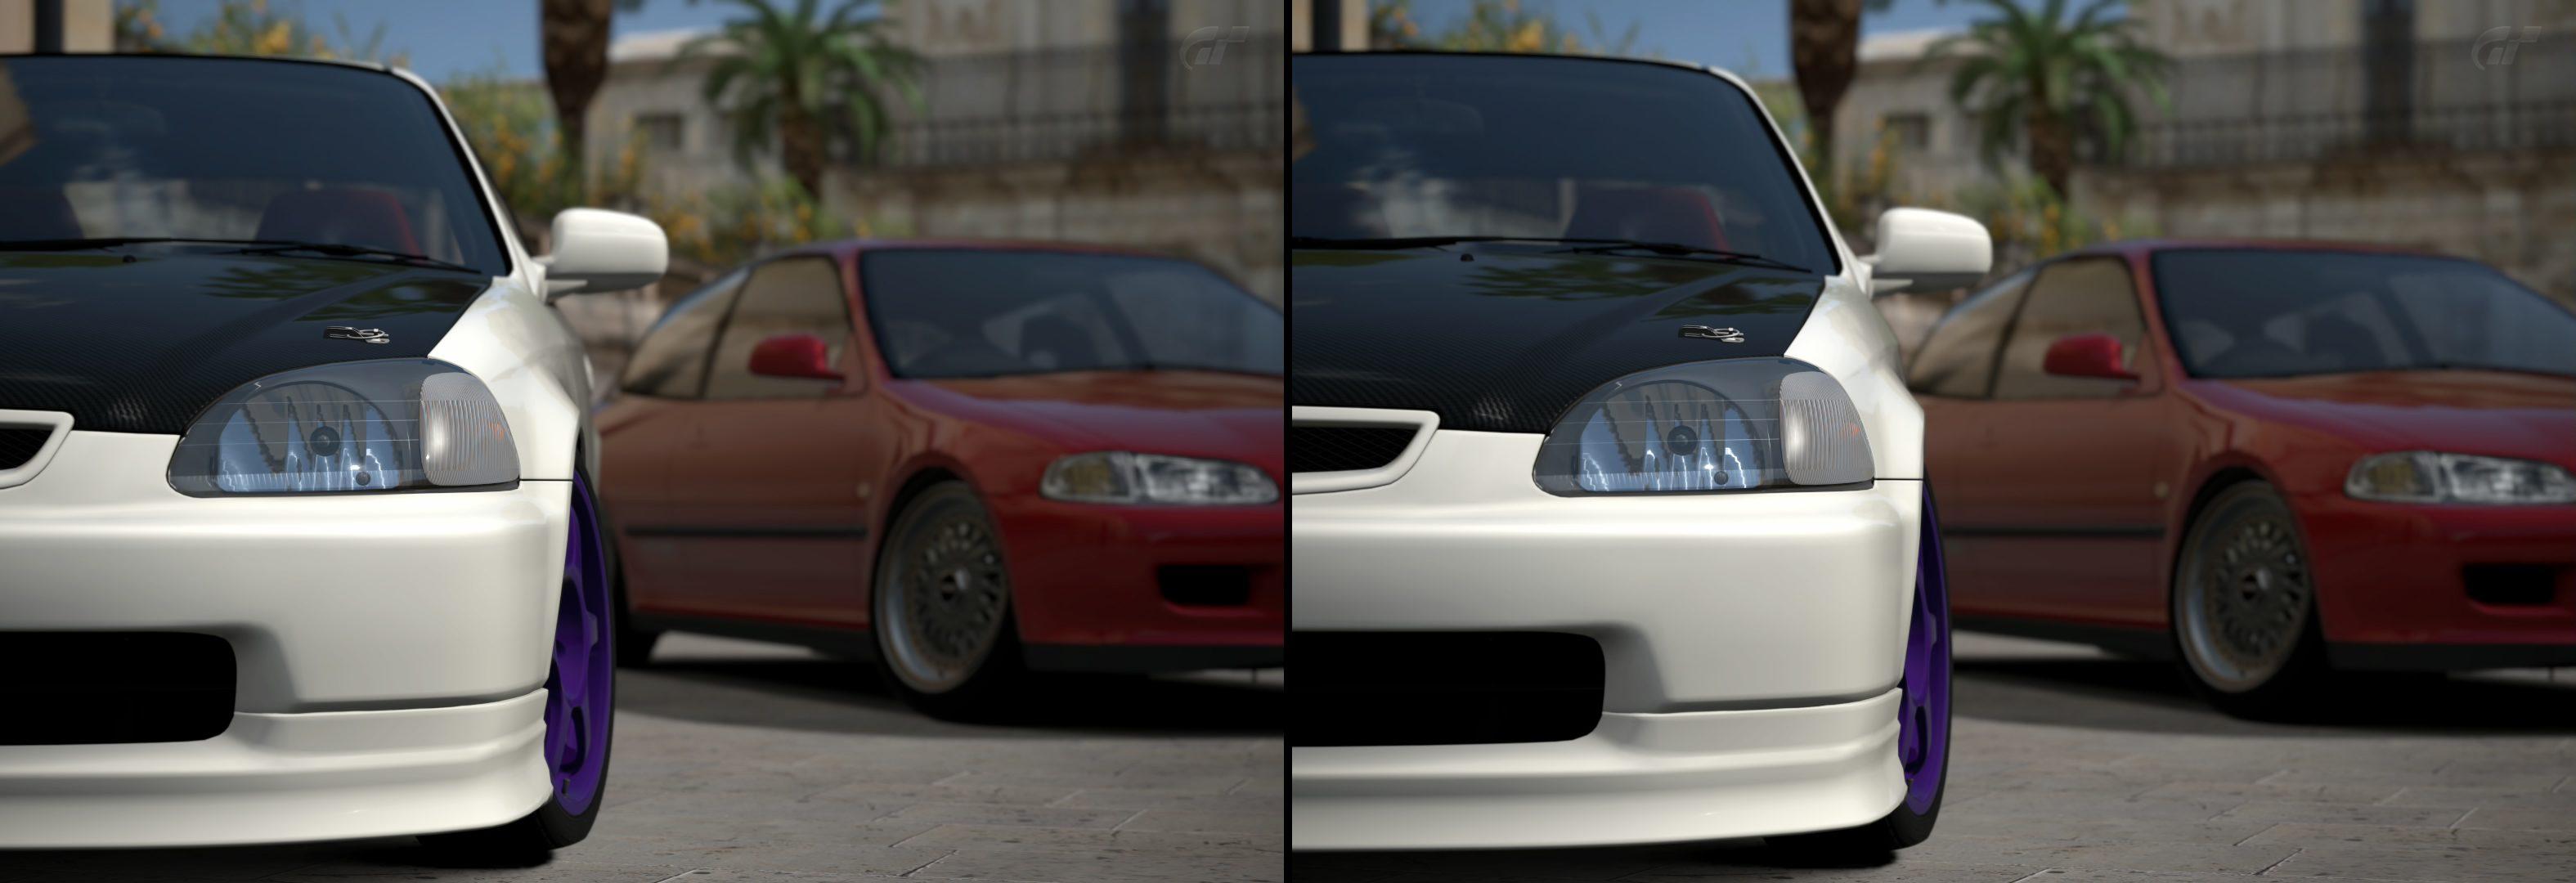 Crosseye 3D Civic.jpg